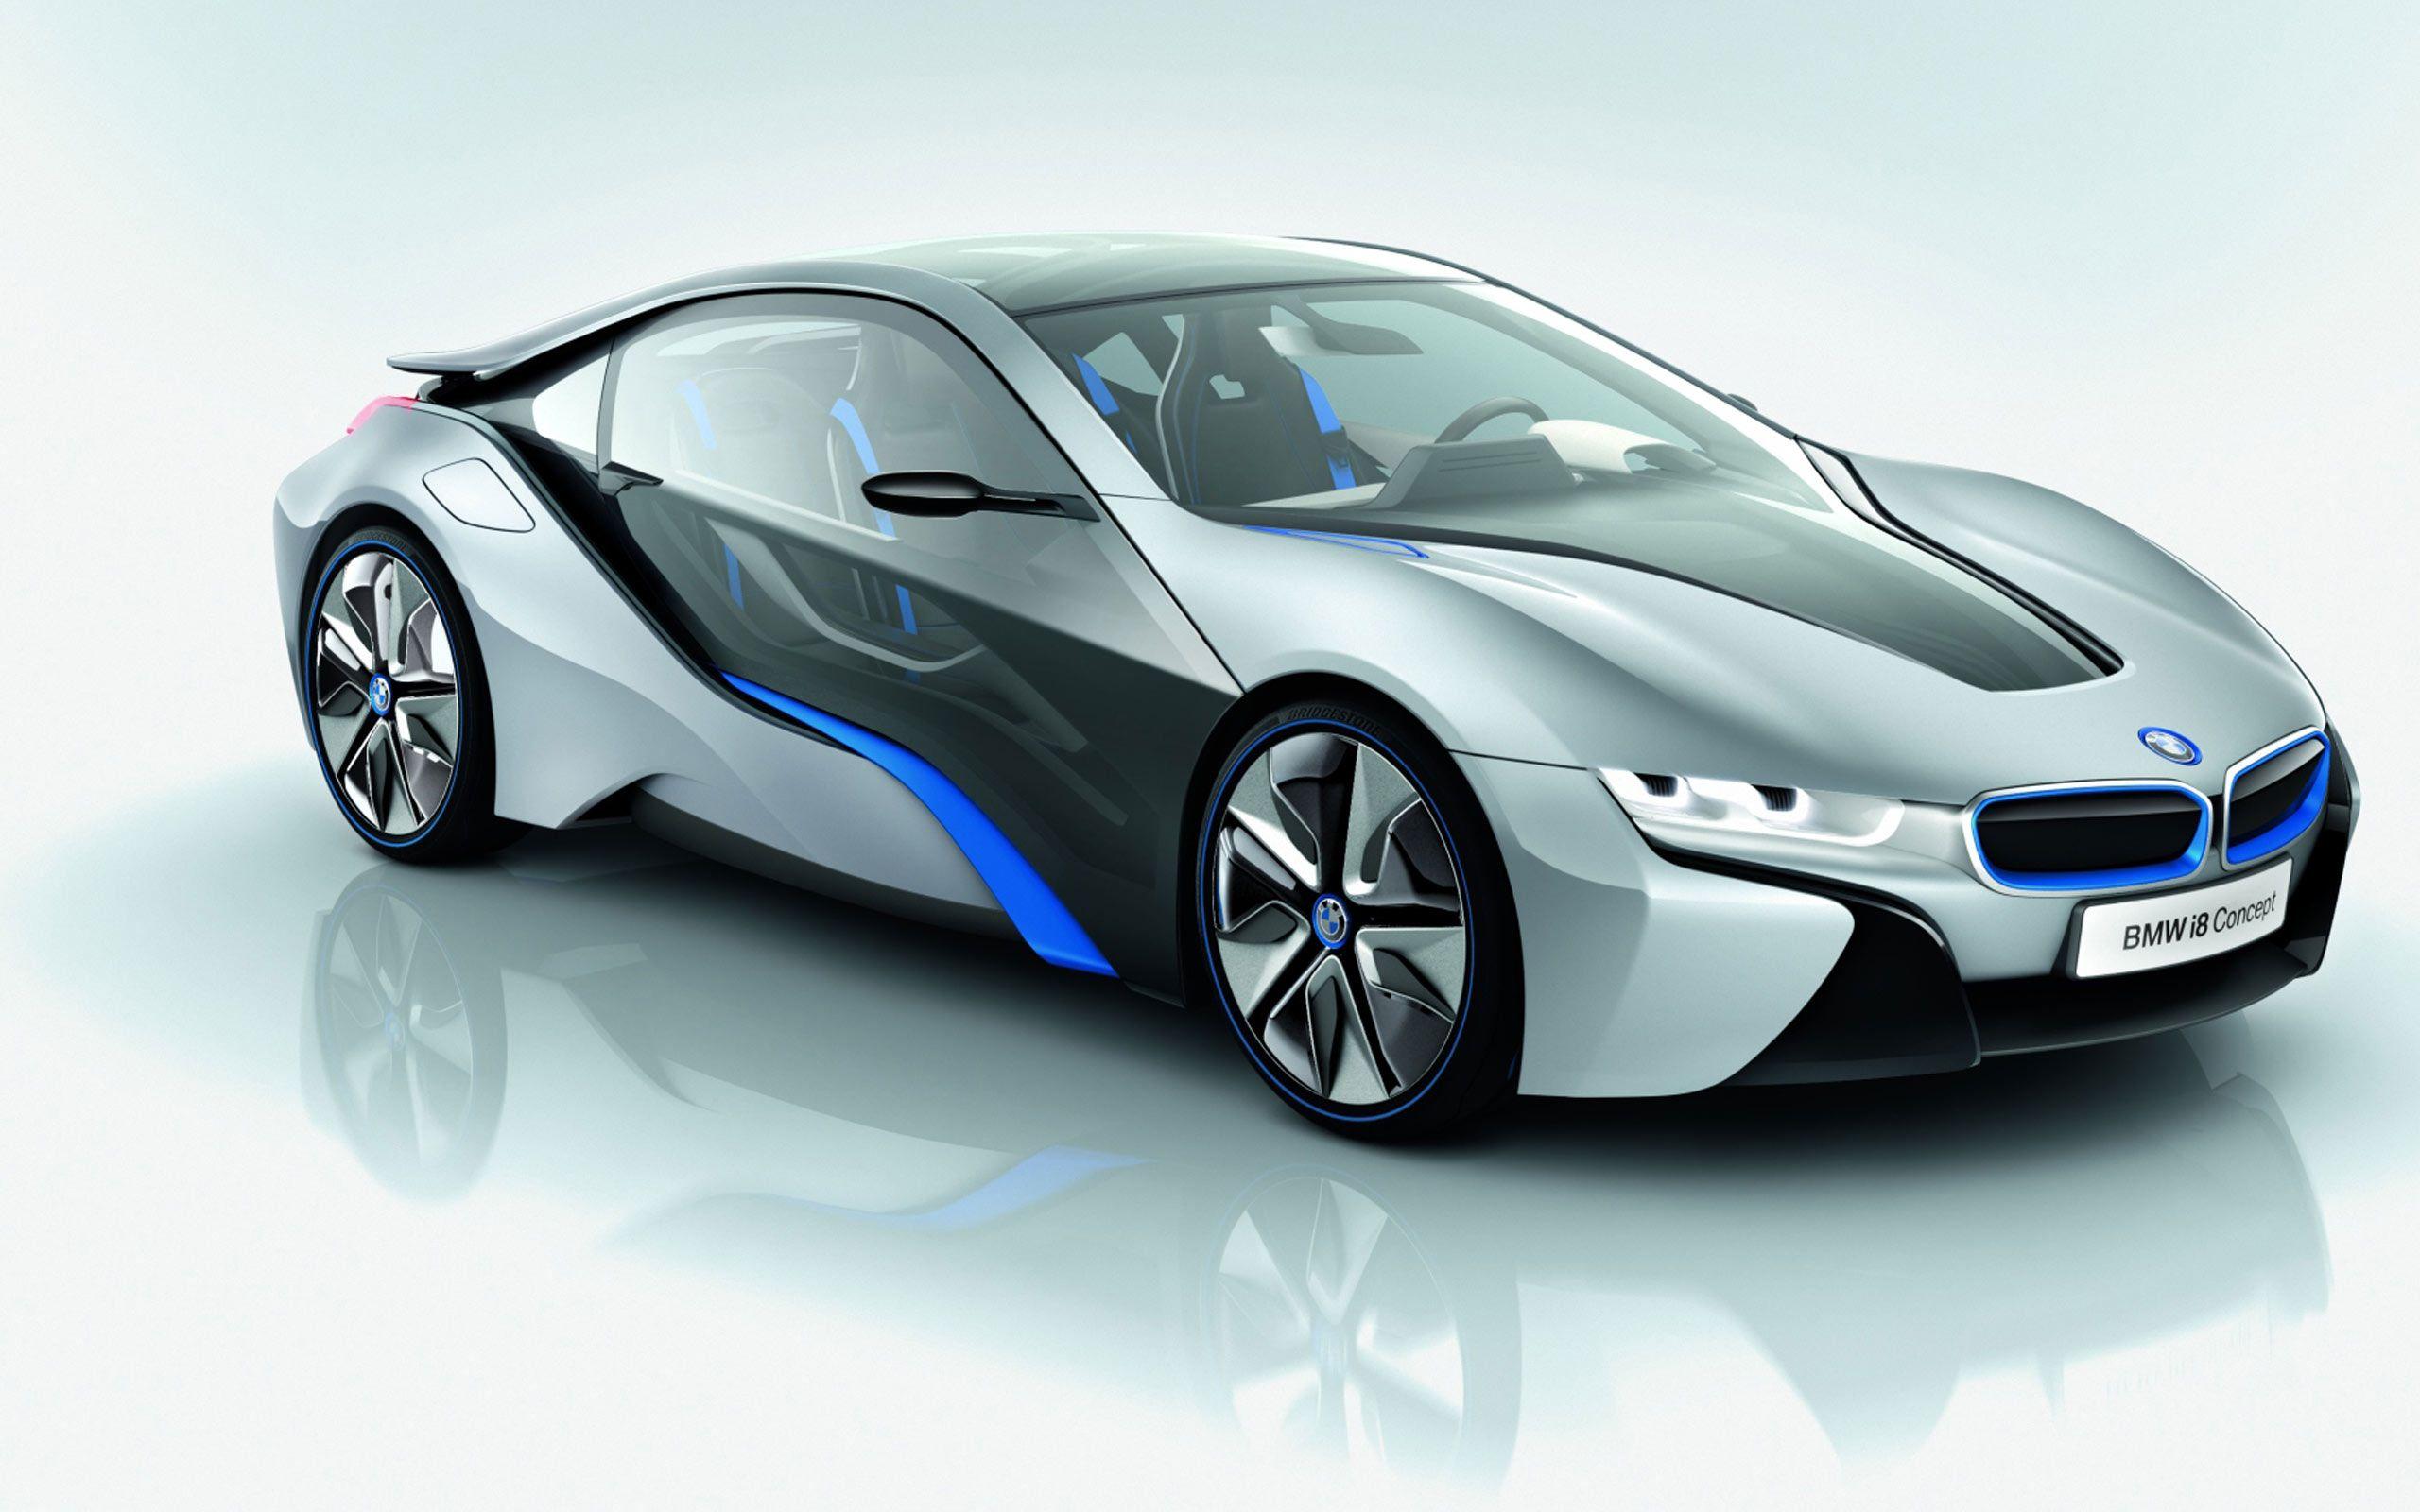 Service Your Bmw Cars Gt Auto Centre Dubai Call